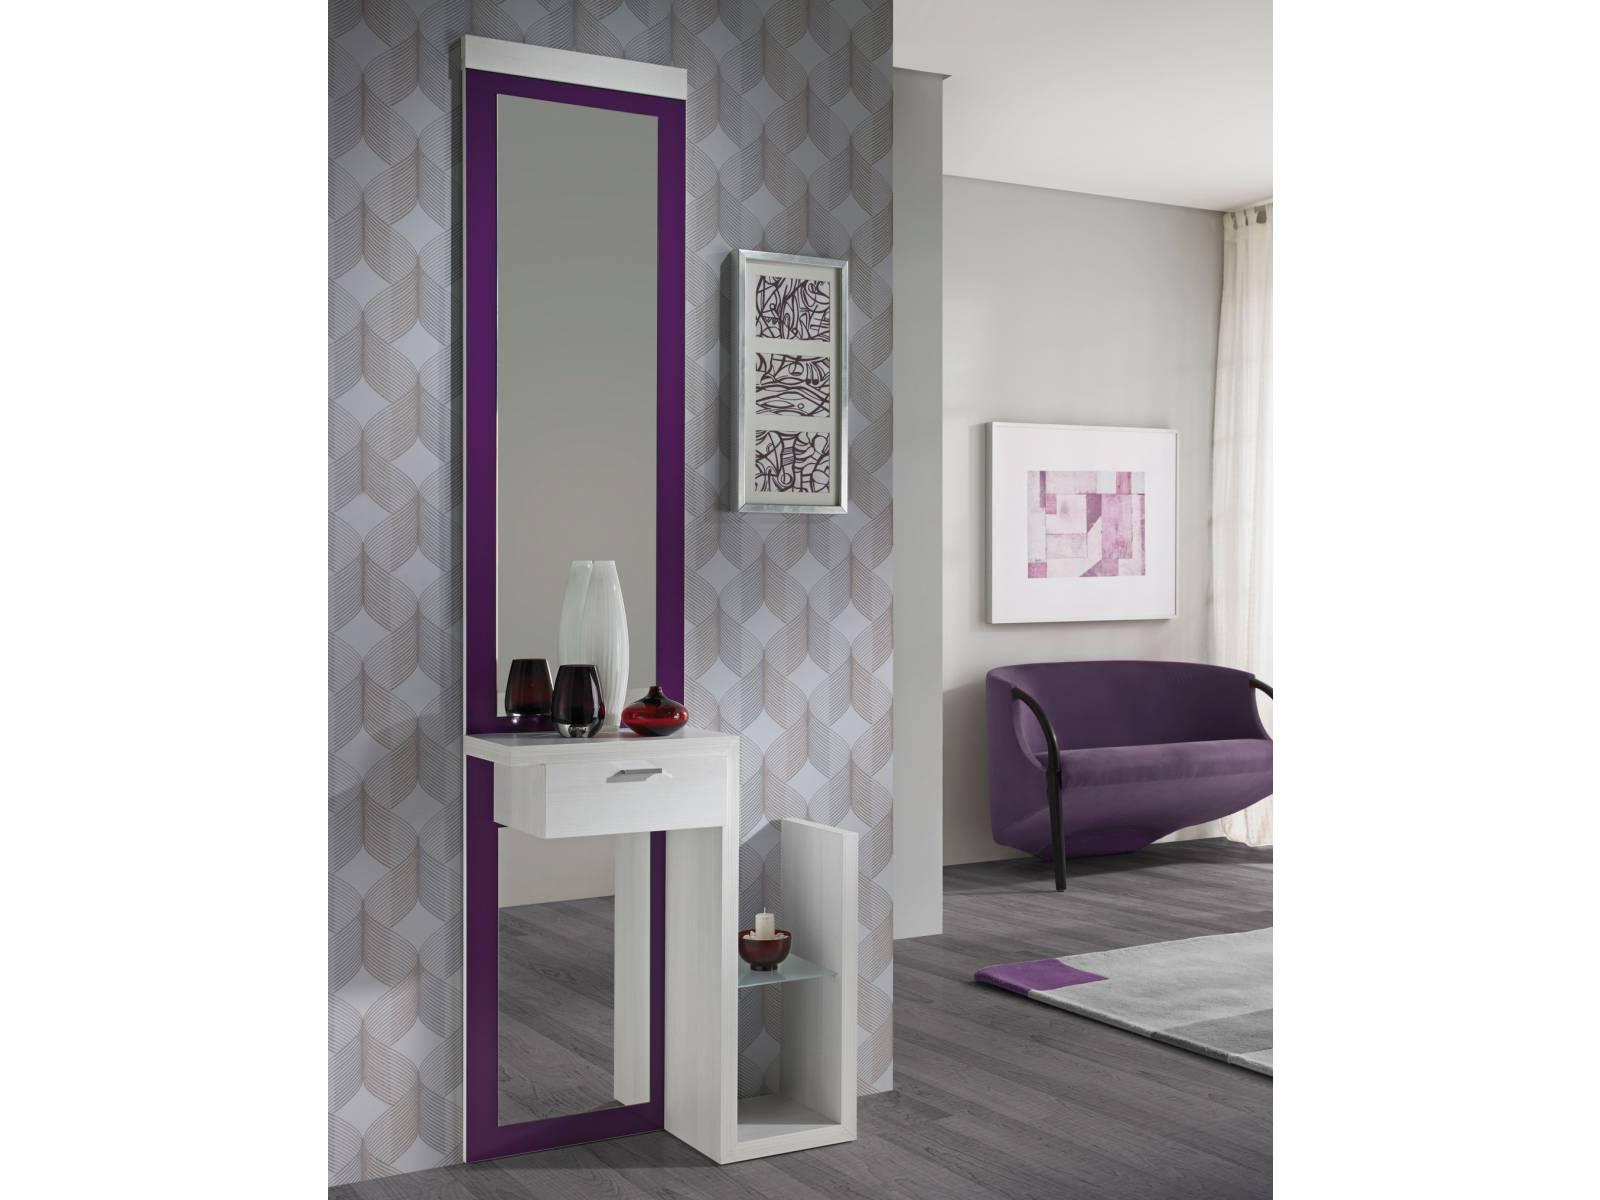 Muebles De Recibidor 3ldq Mueble Recibidor Con Espejo Alargado